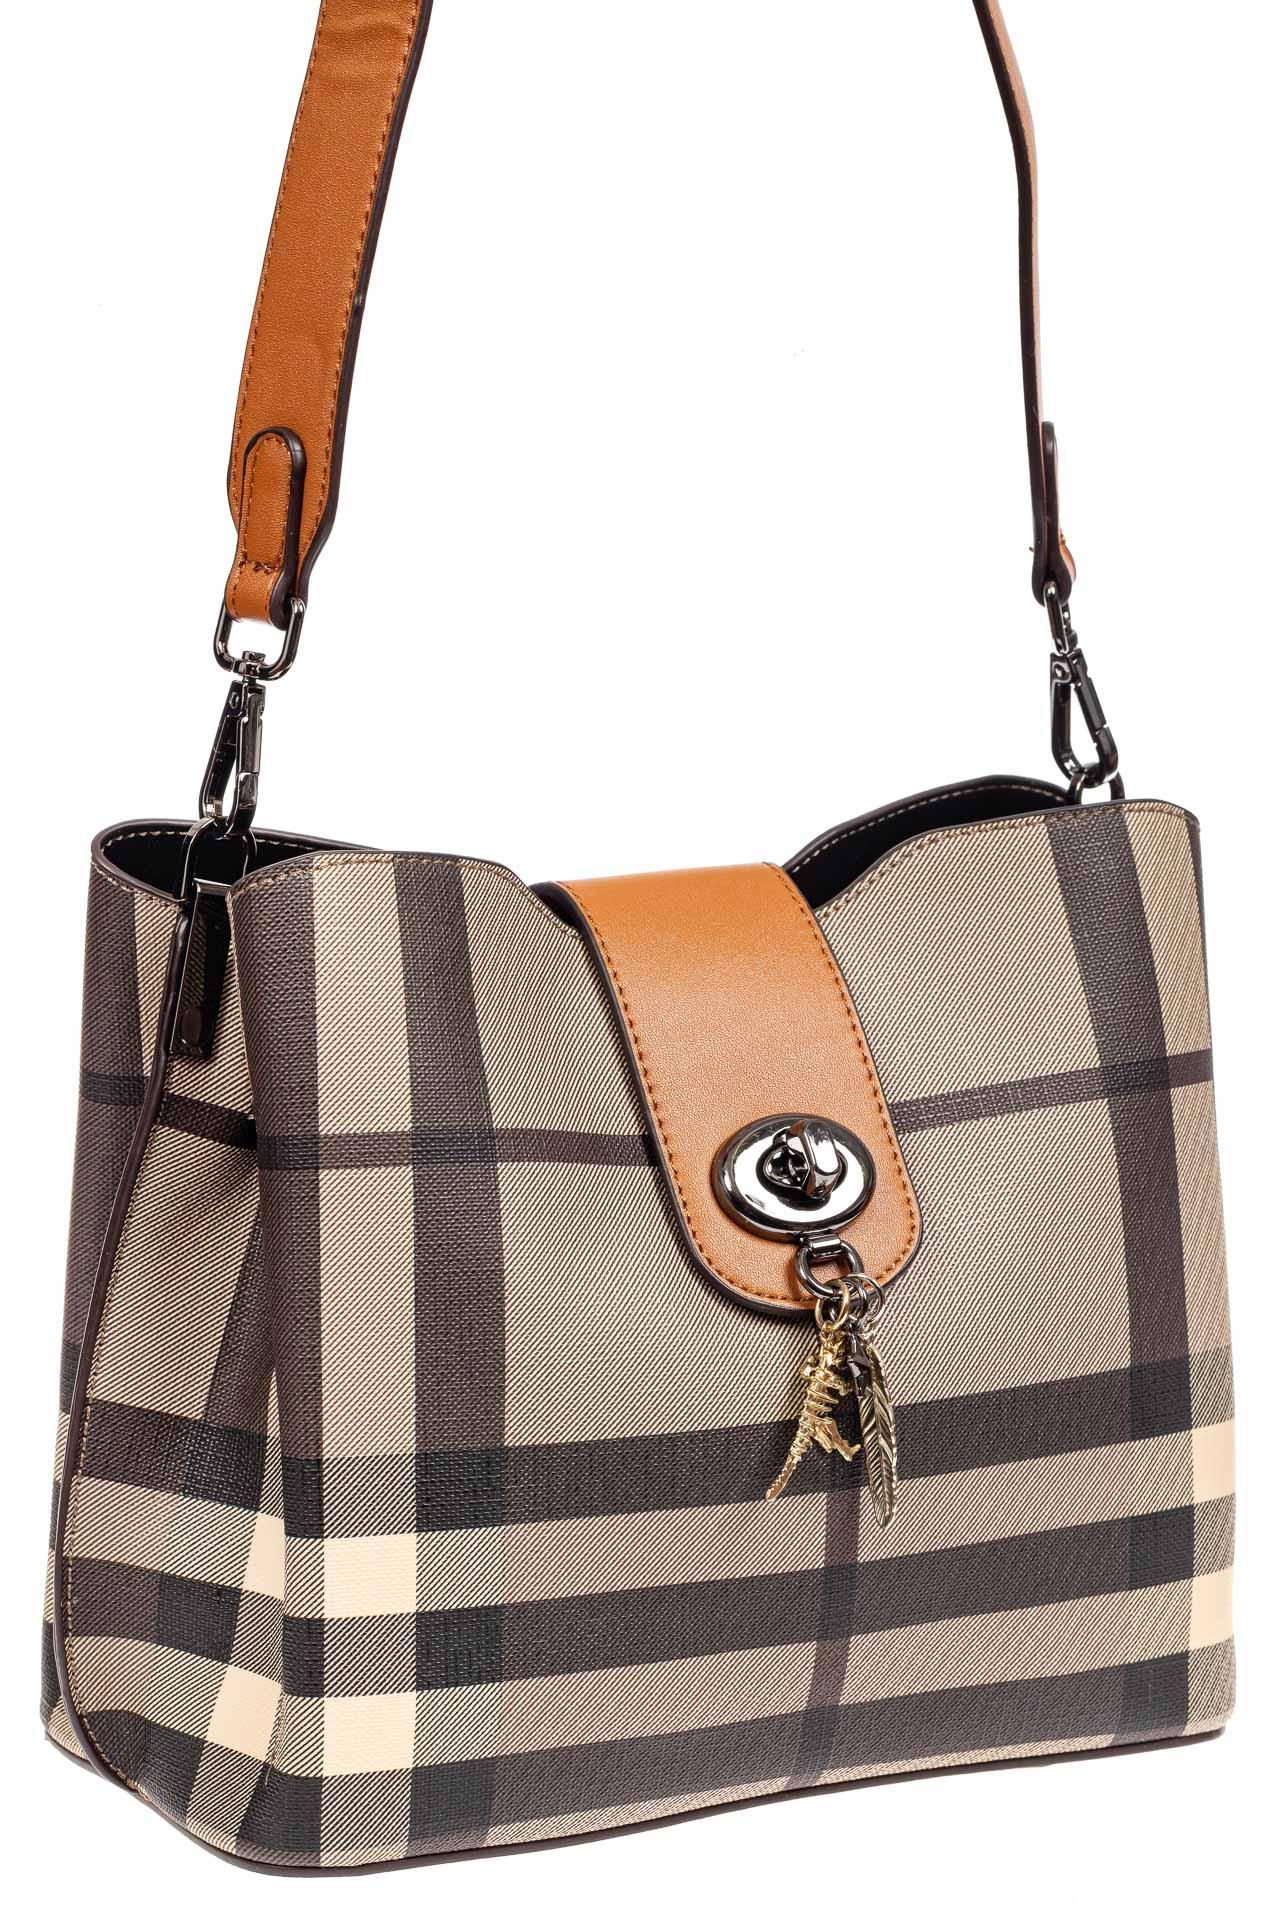 Женская сумка в клетку из экокожи, цвет горта бежевый9143NK0420/10